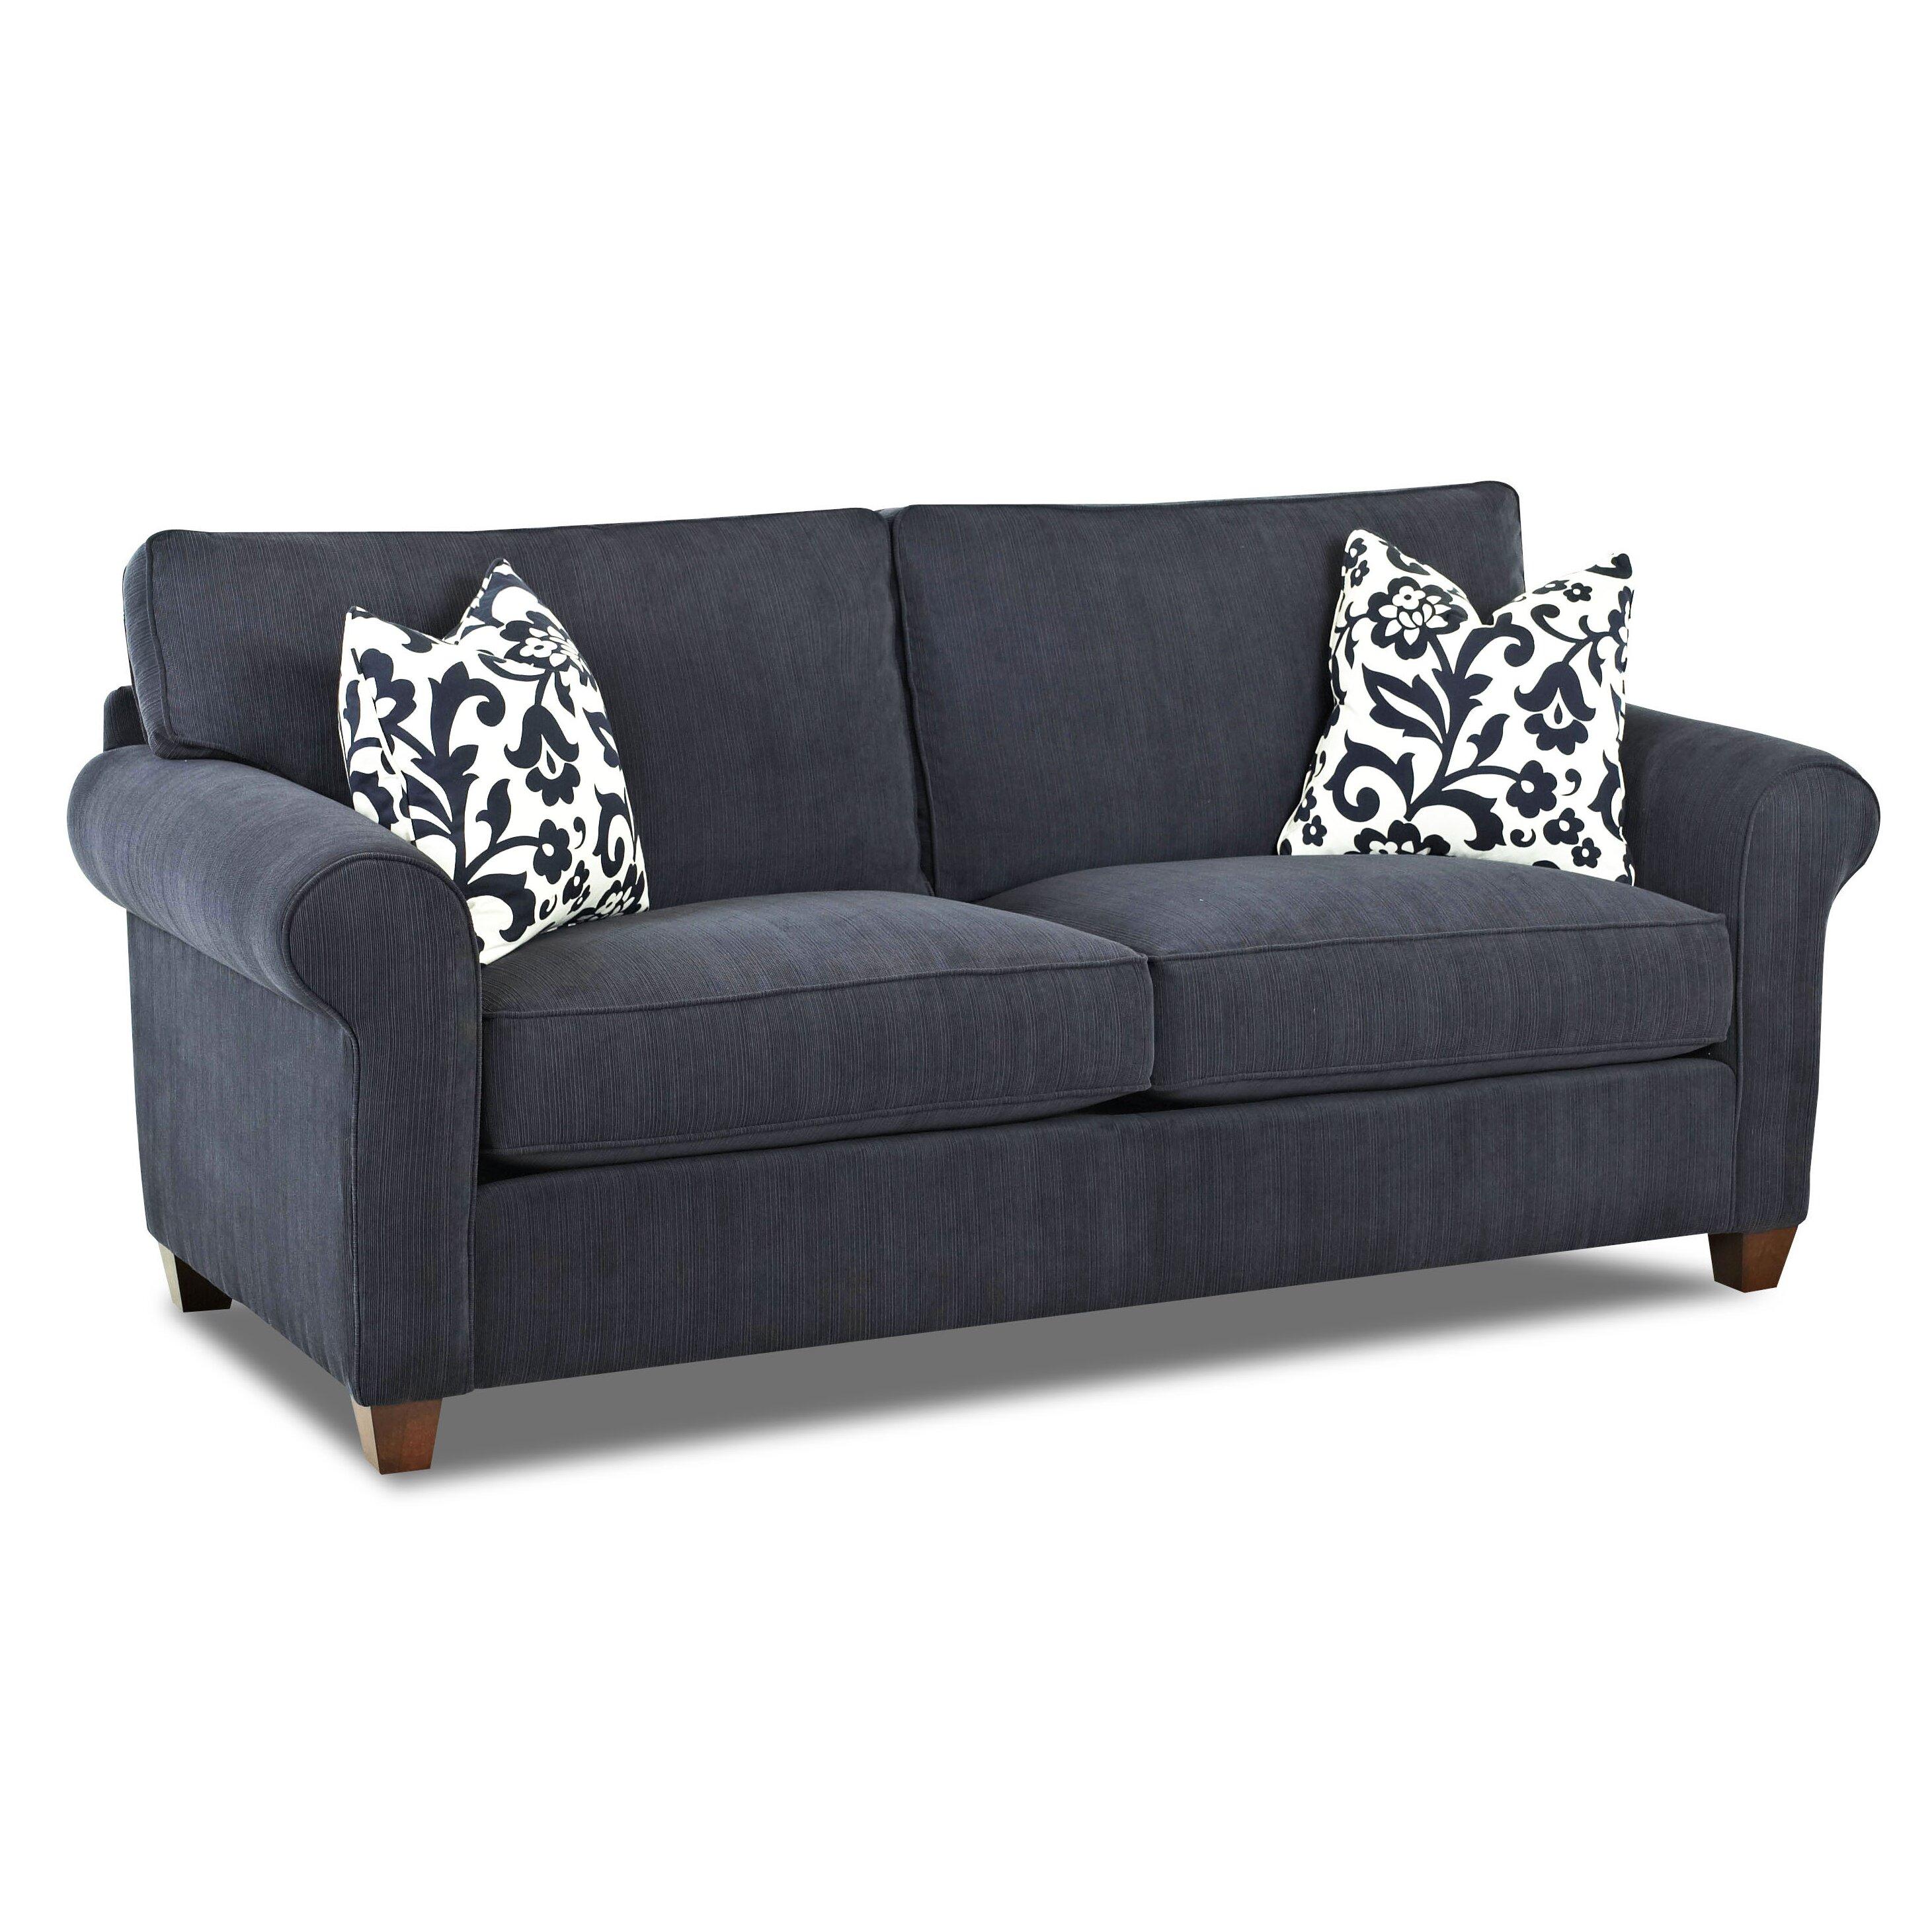 Klaussner furniture tory loveseat reviews wayfair for Klaussner sofa